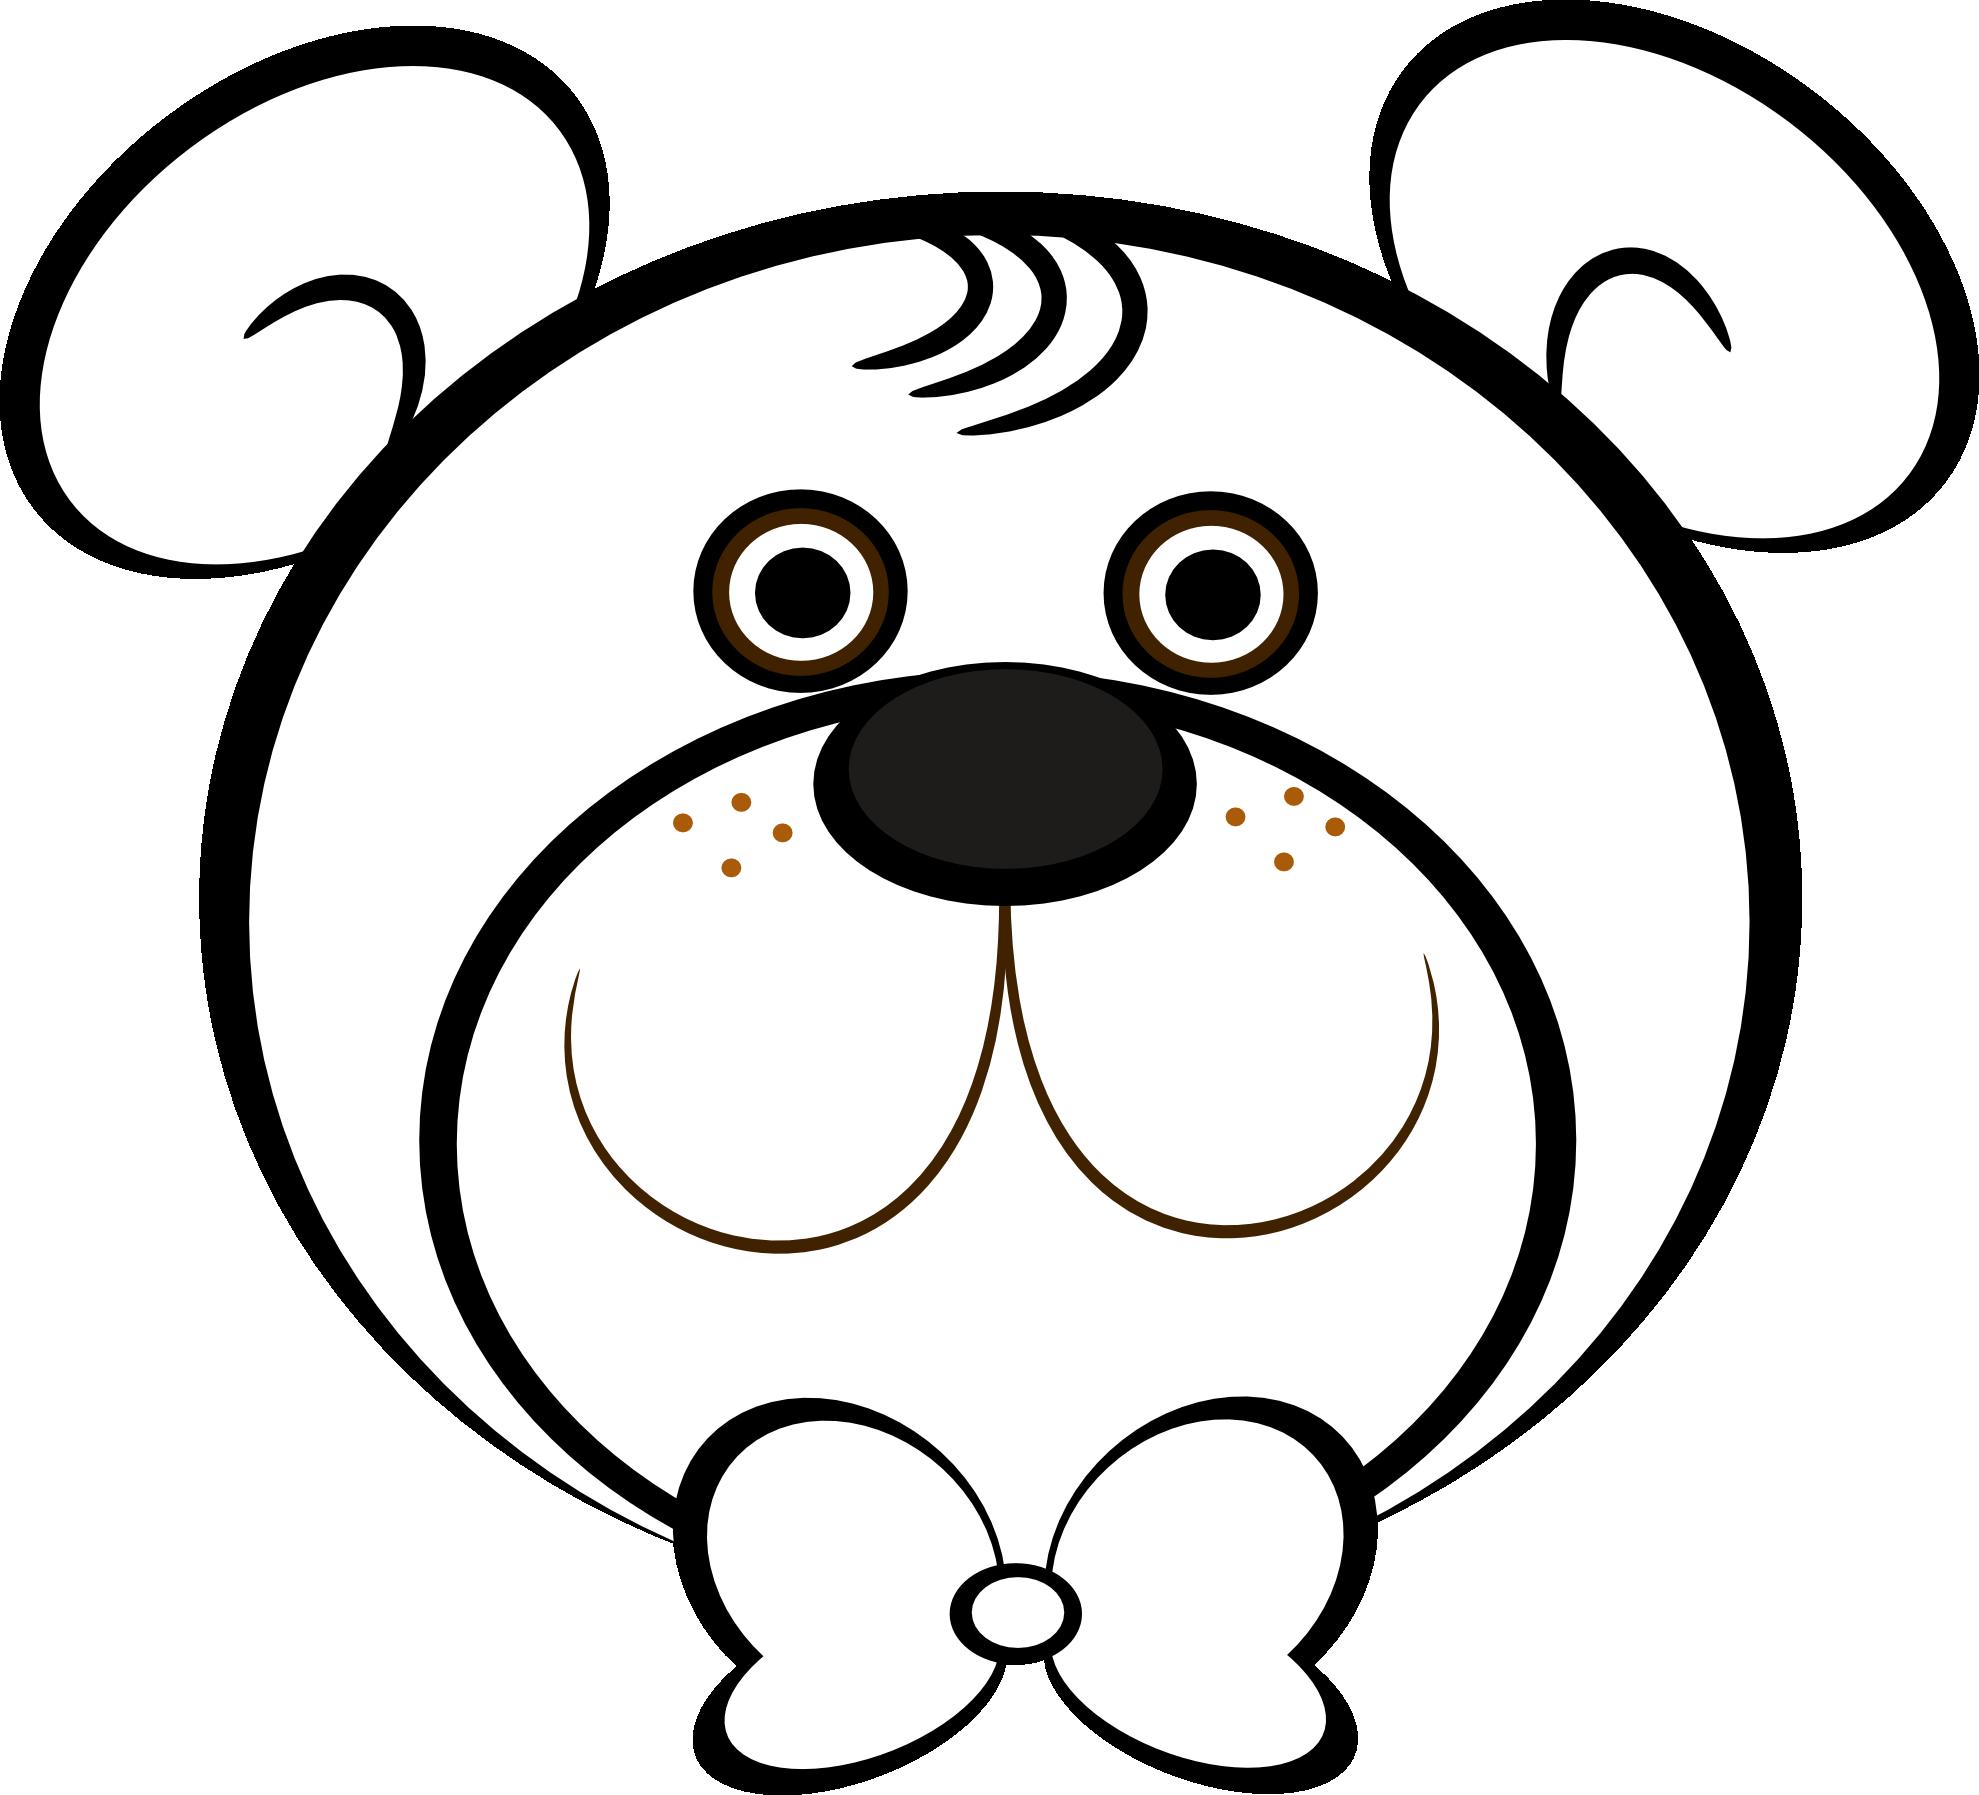 1979x1795 Drawn Teddy Bear Head